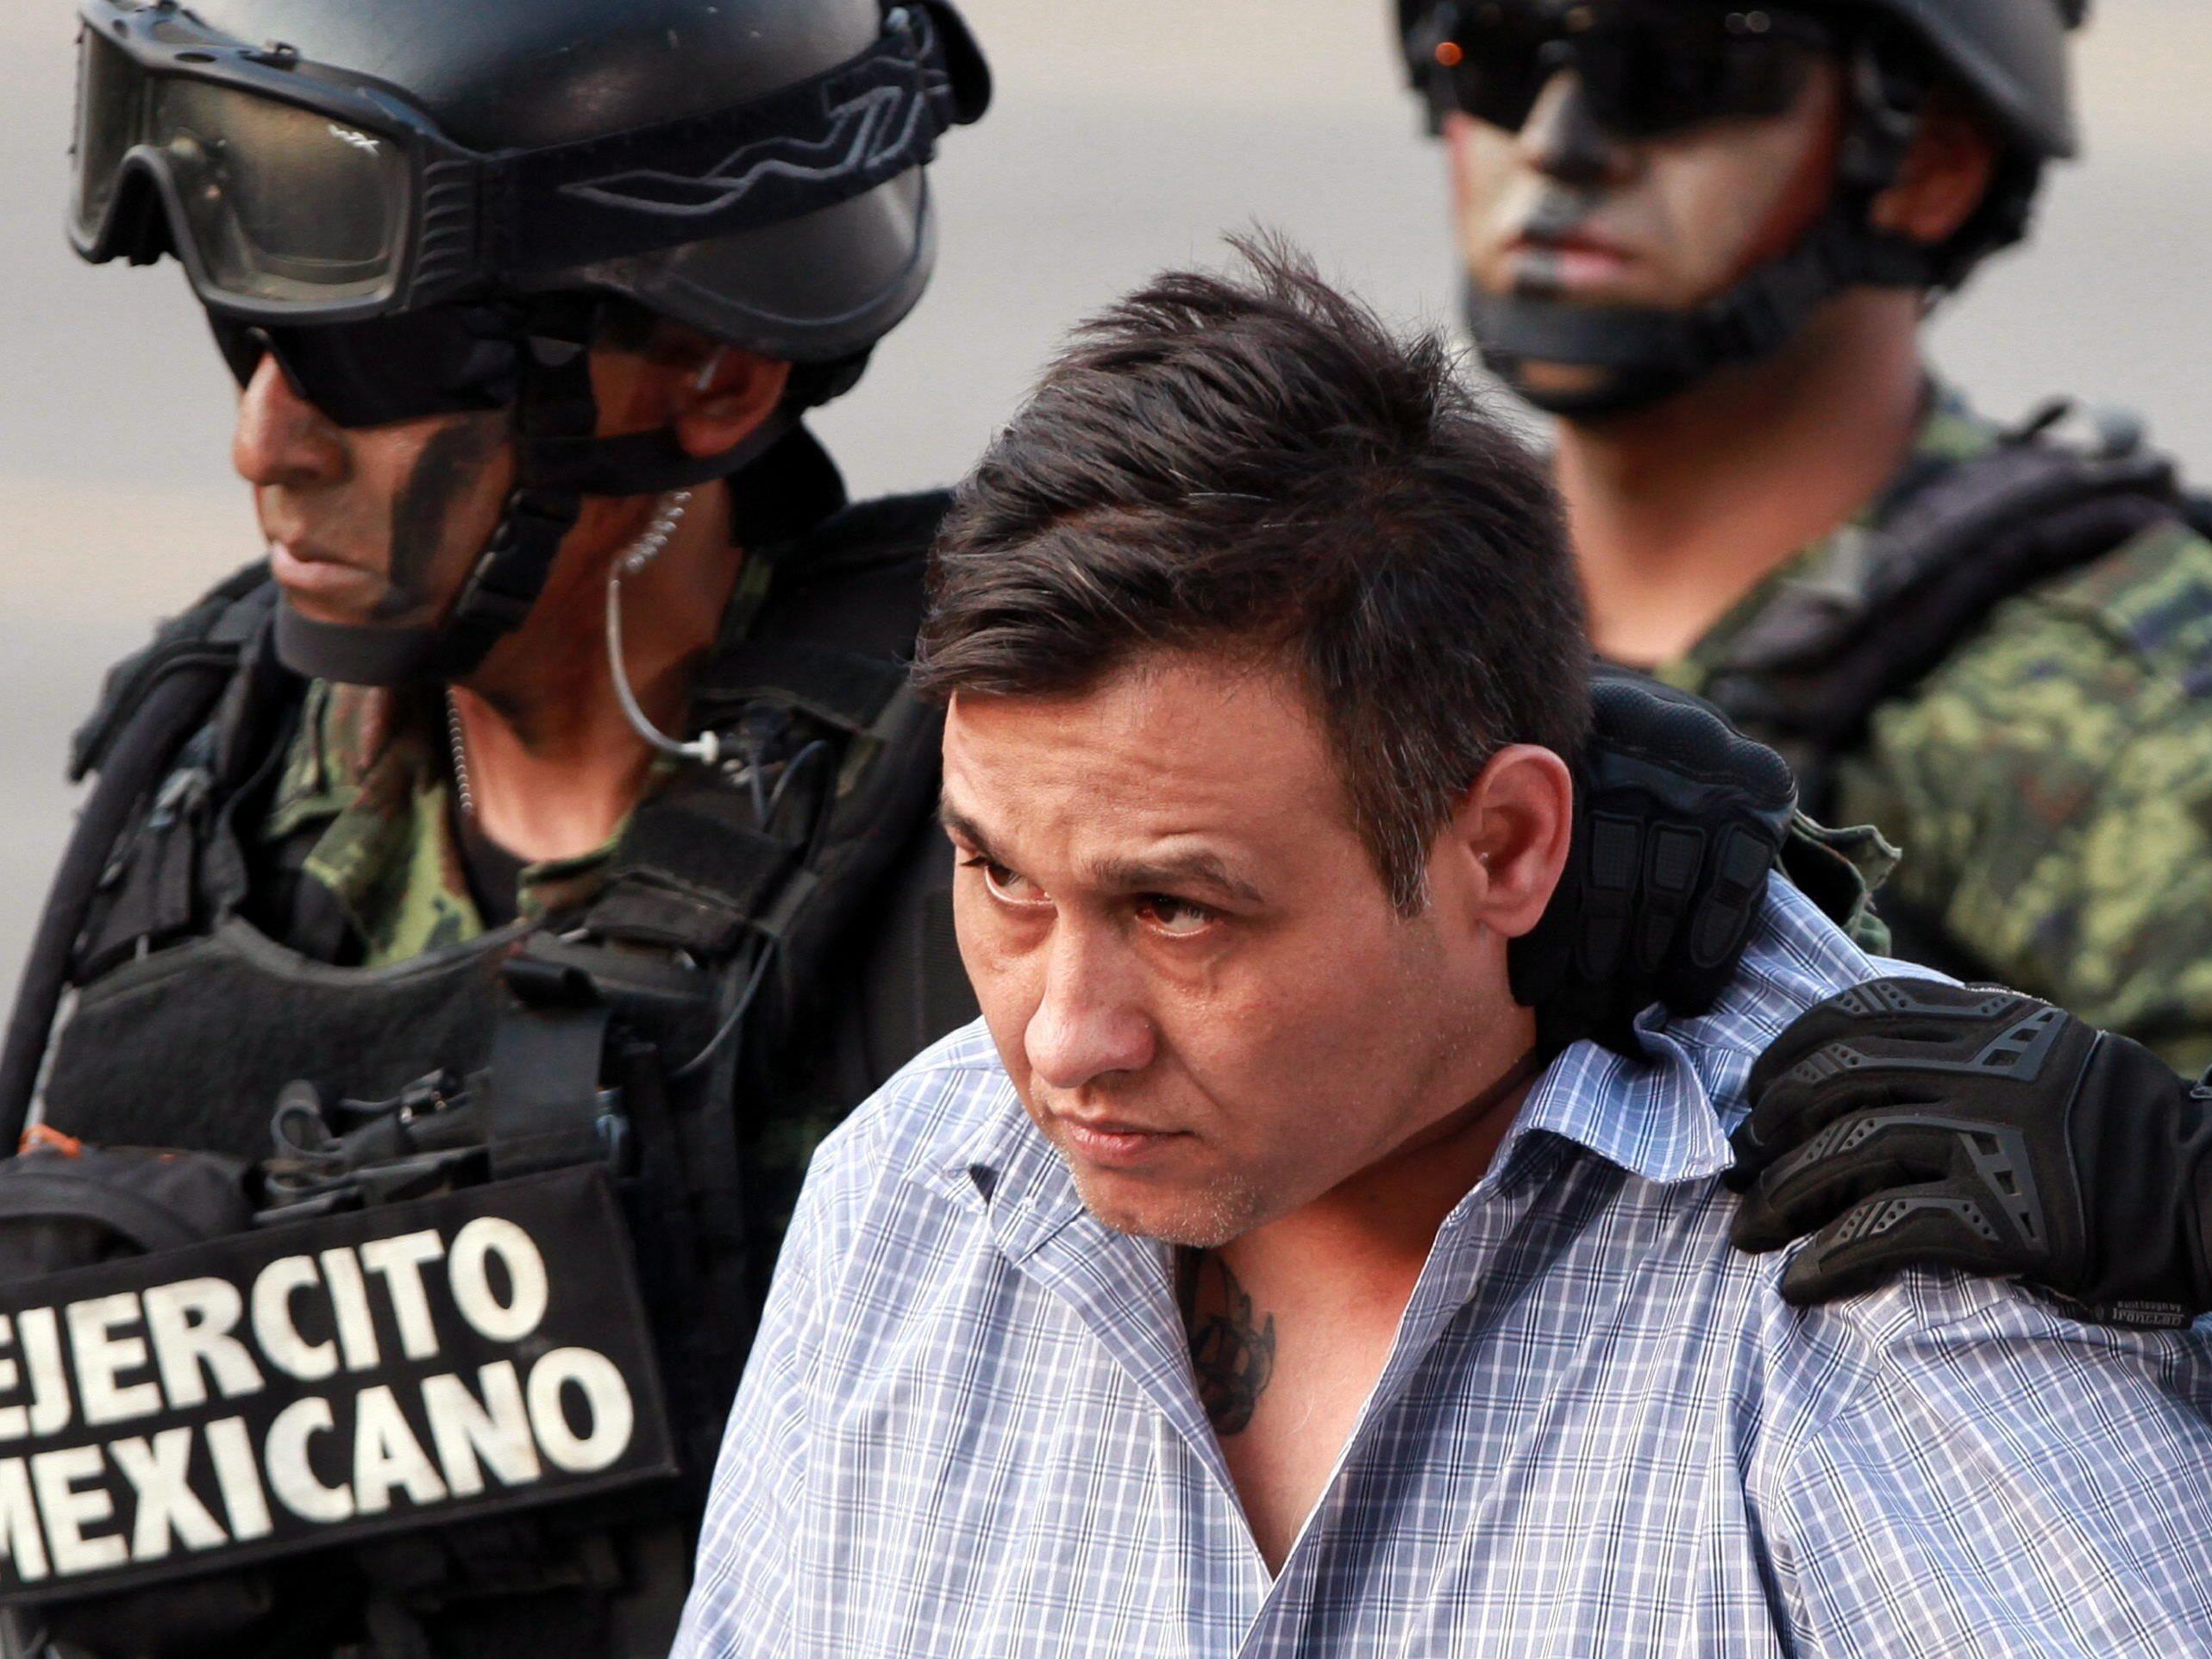 """Anführer des mexikanischen Drogenkartells """"Los Zetas"""" gefasst."""